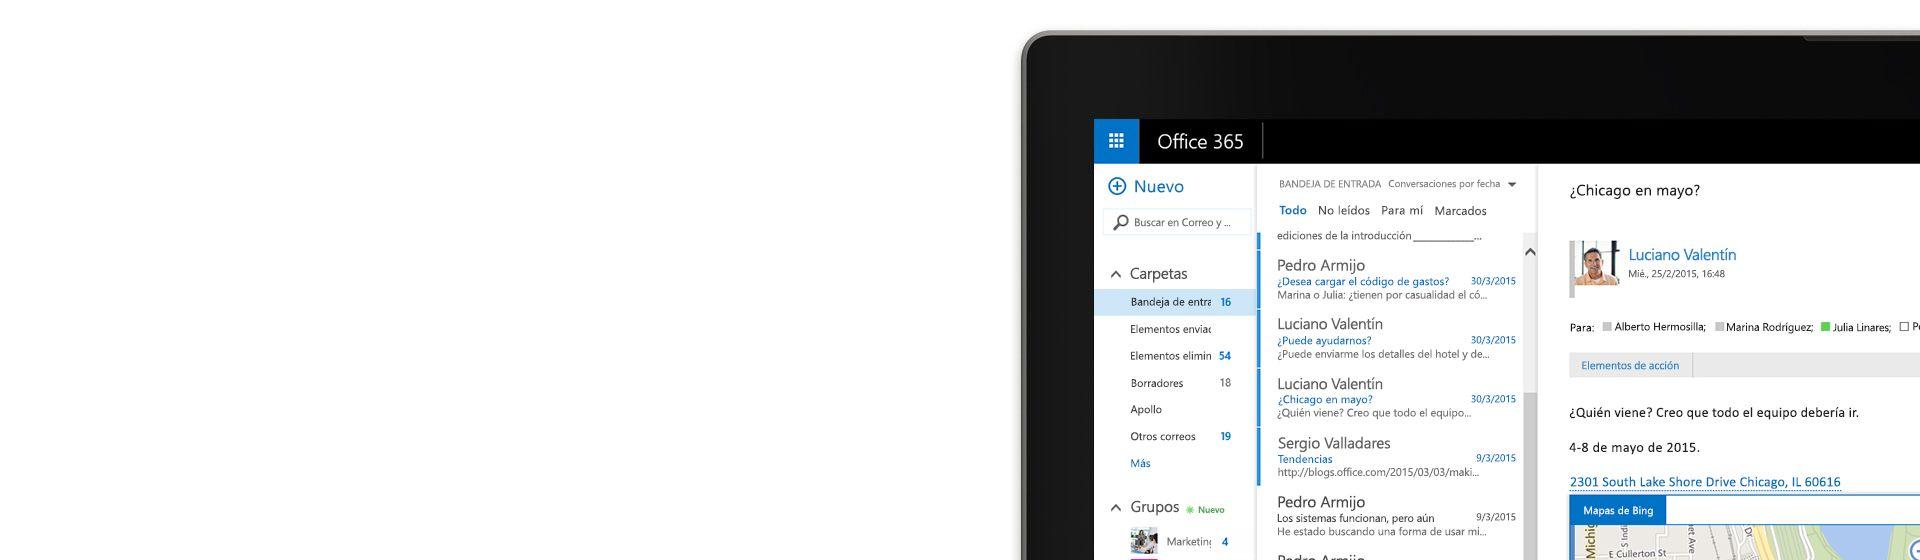 Esquina de la pantalla de un equipo donde se muestra una bandeja de entrada de correo en Office 365